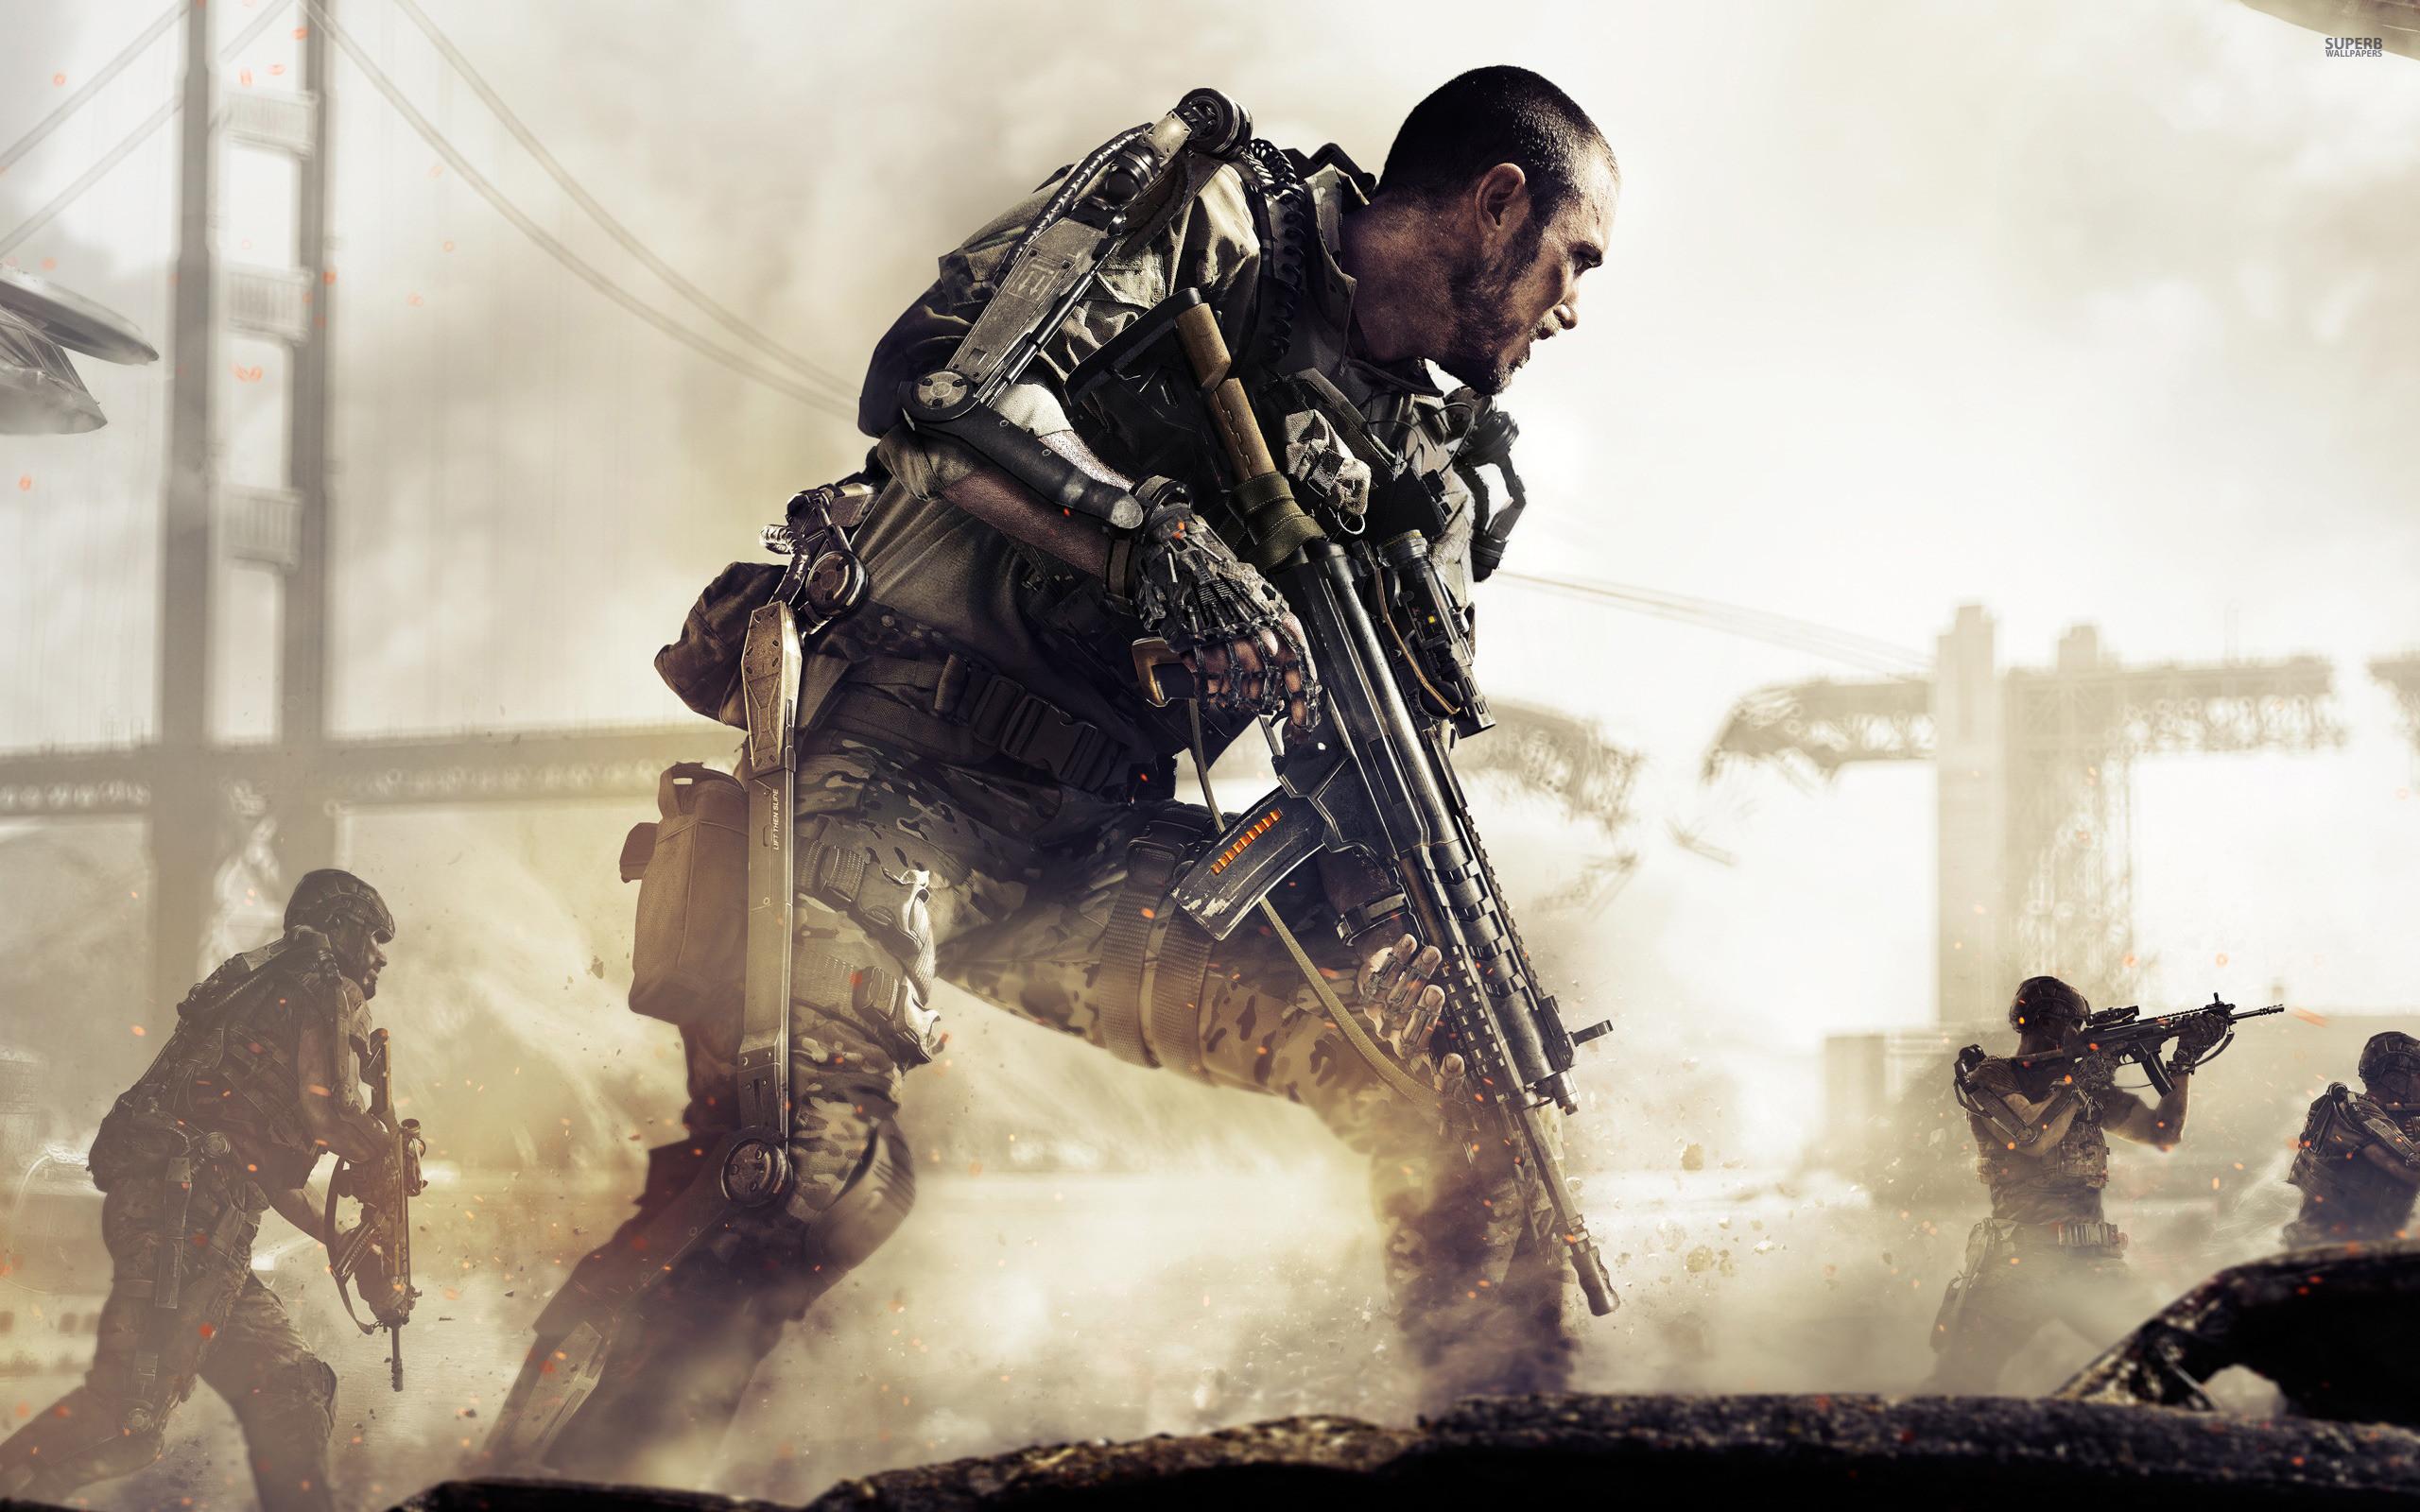 of Duty: Advanced Warfare Exoskeleton Suit Wallpaper | Beautiful Wallpapers  | Pinterest | Warfare and Wallpaper